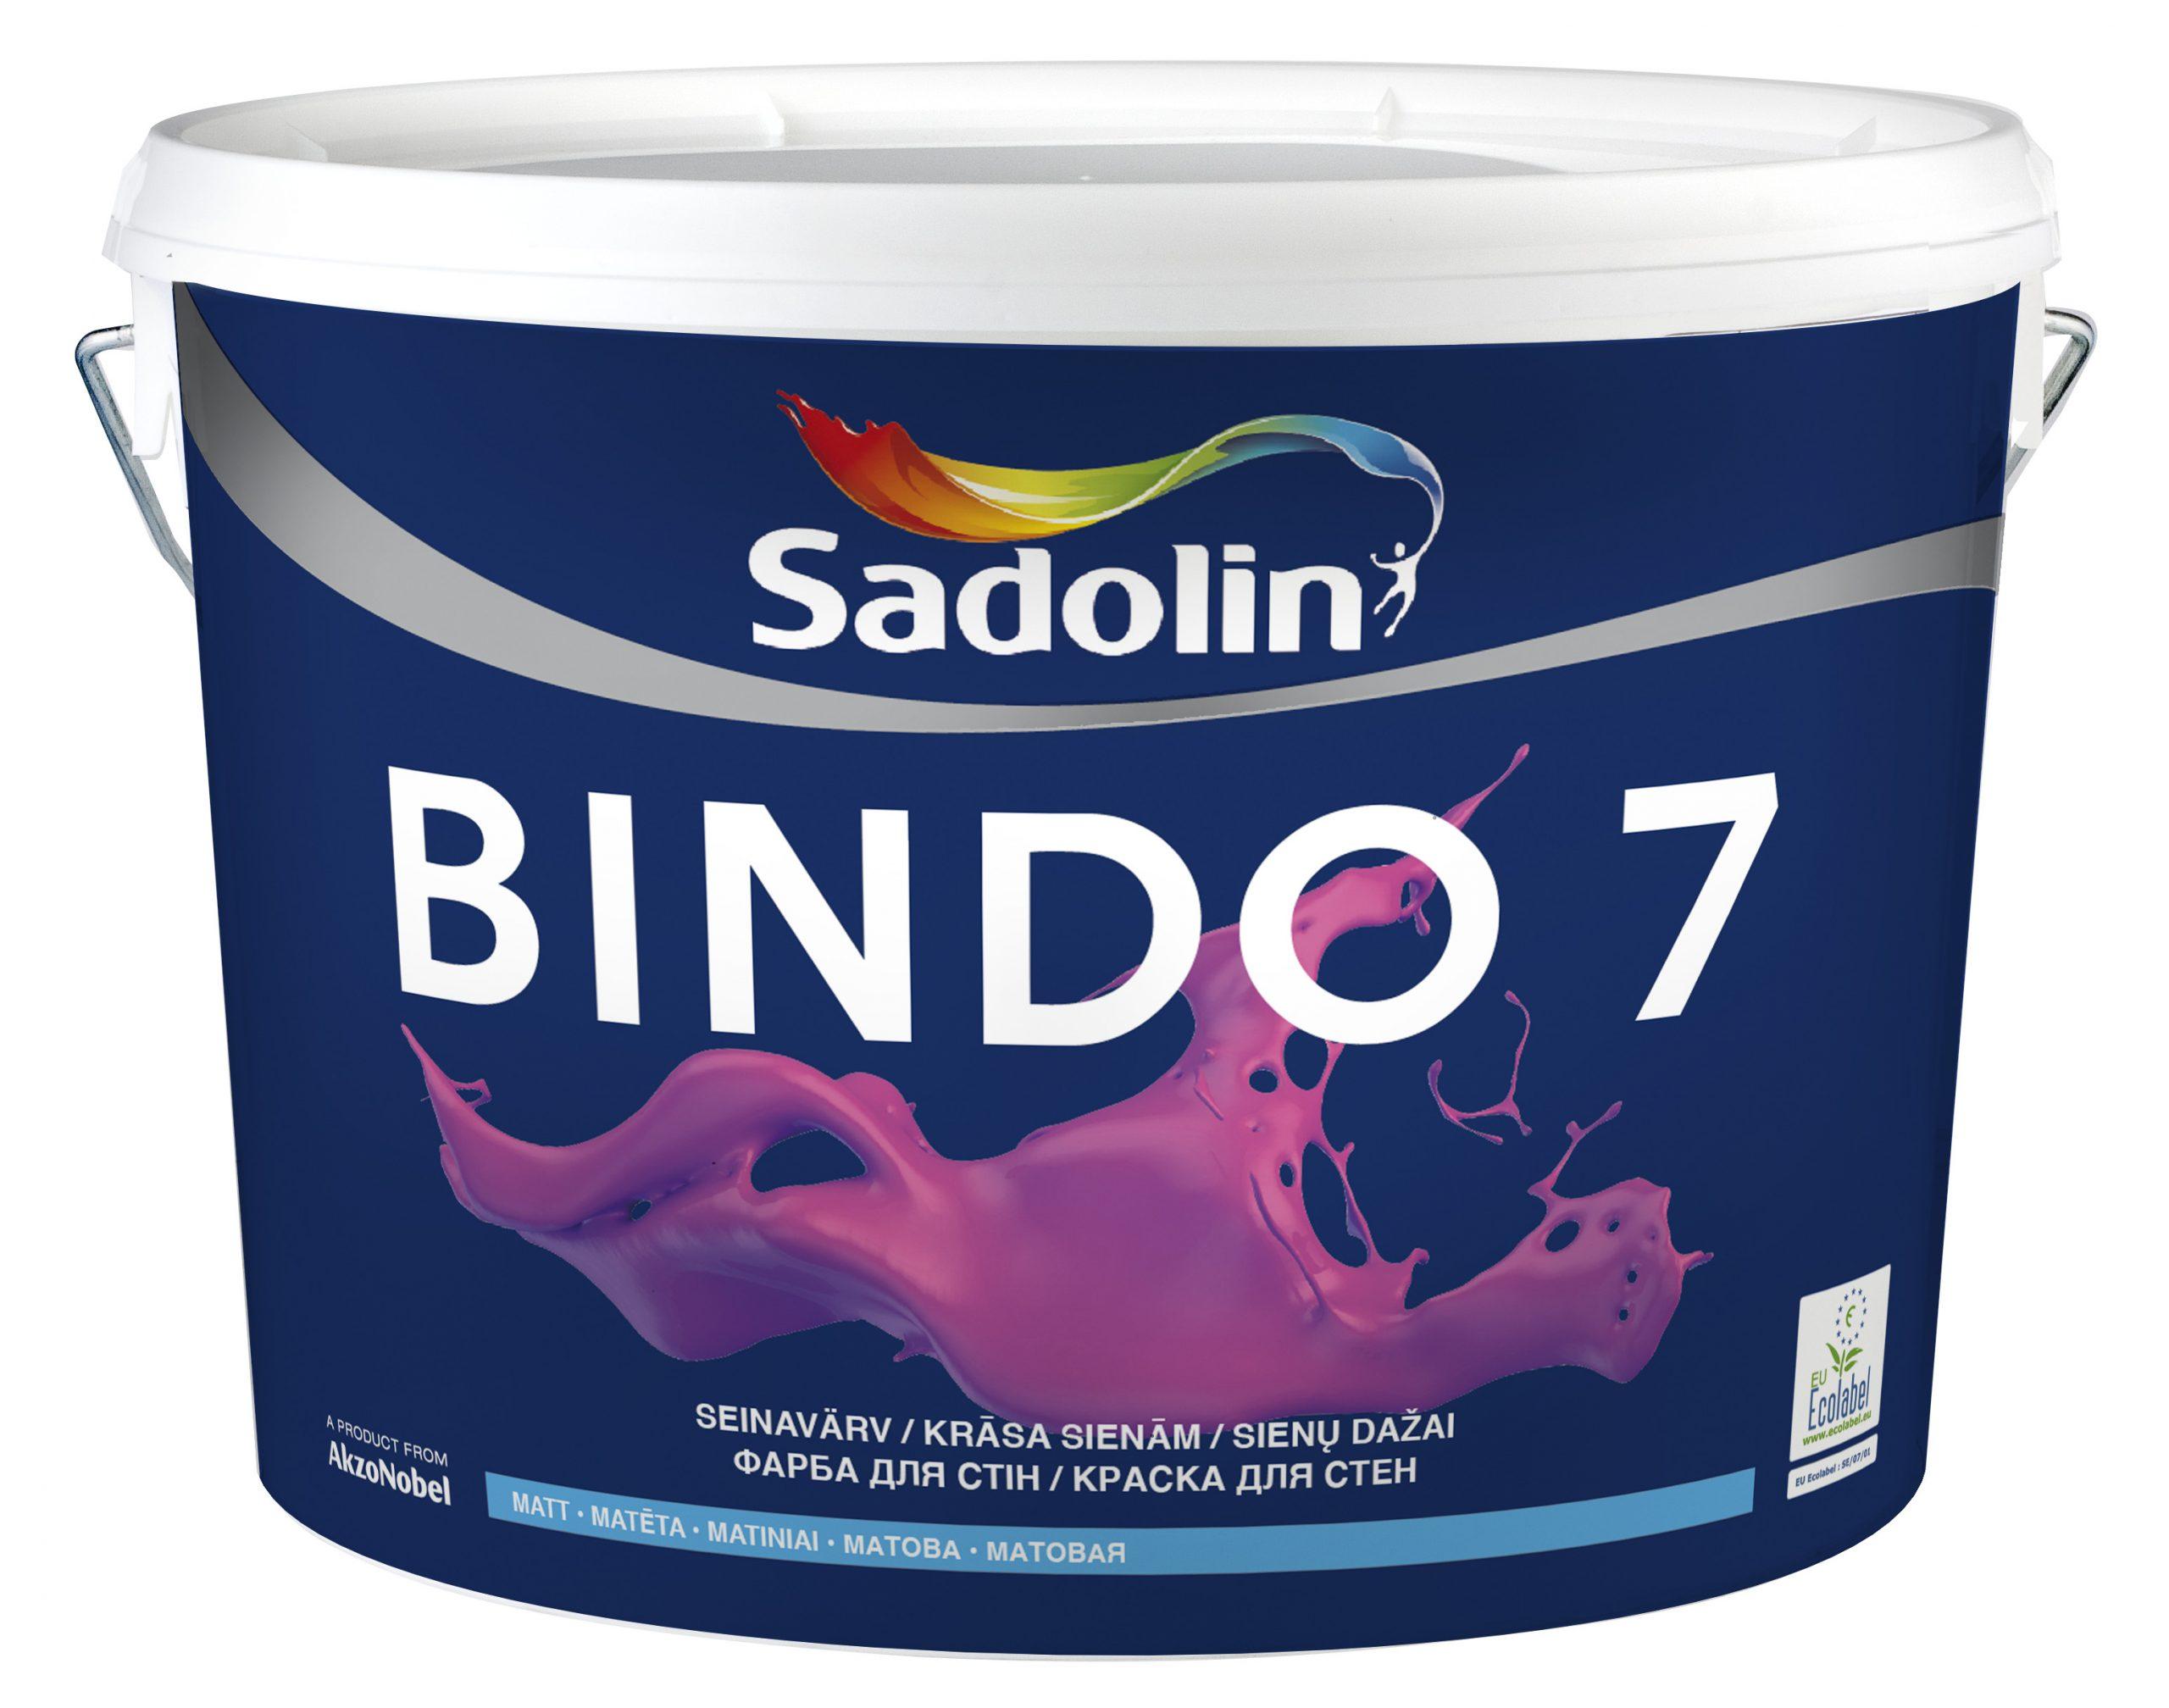 Bindo 7 10L